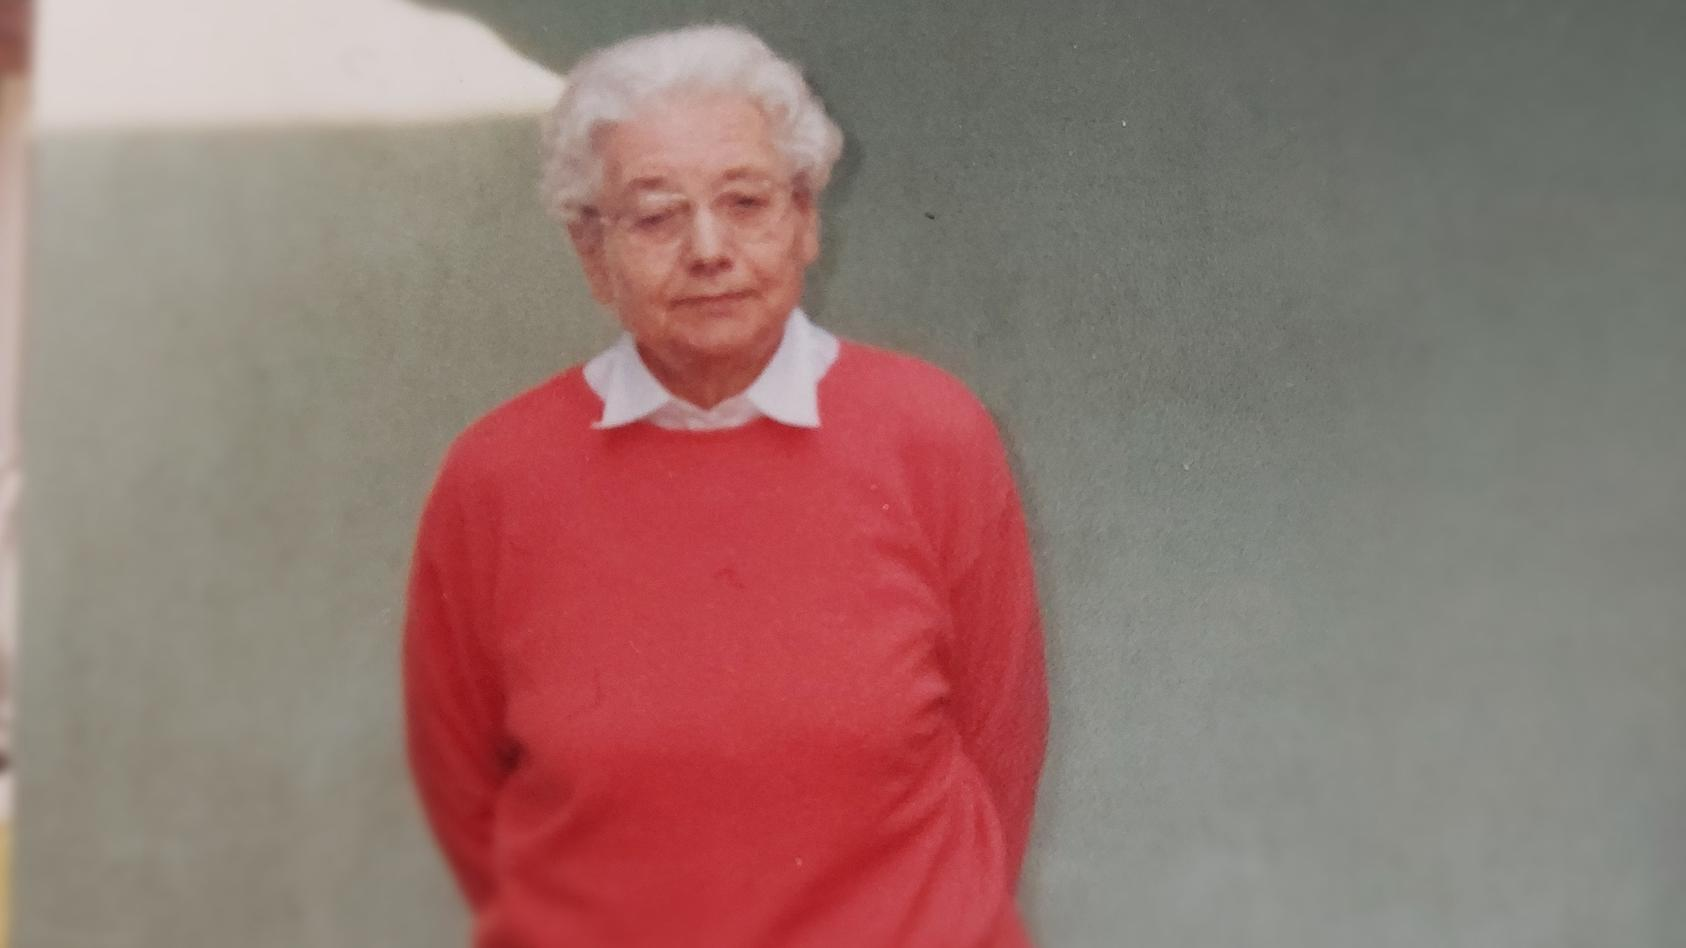 Frieda W. aus dem niedersächsischen Lohheide ist seit fast sechs Jahren tot. Jetzt hat das Land ihr eine Impf-Benachrichtigung zugesandt.